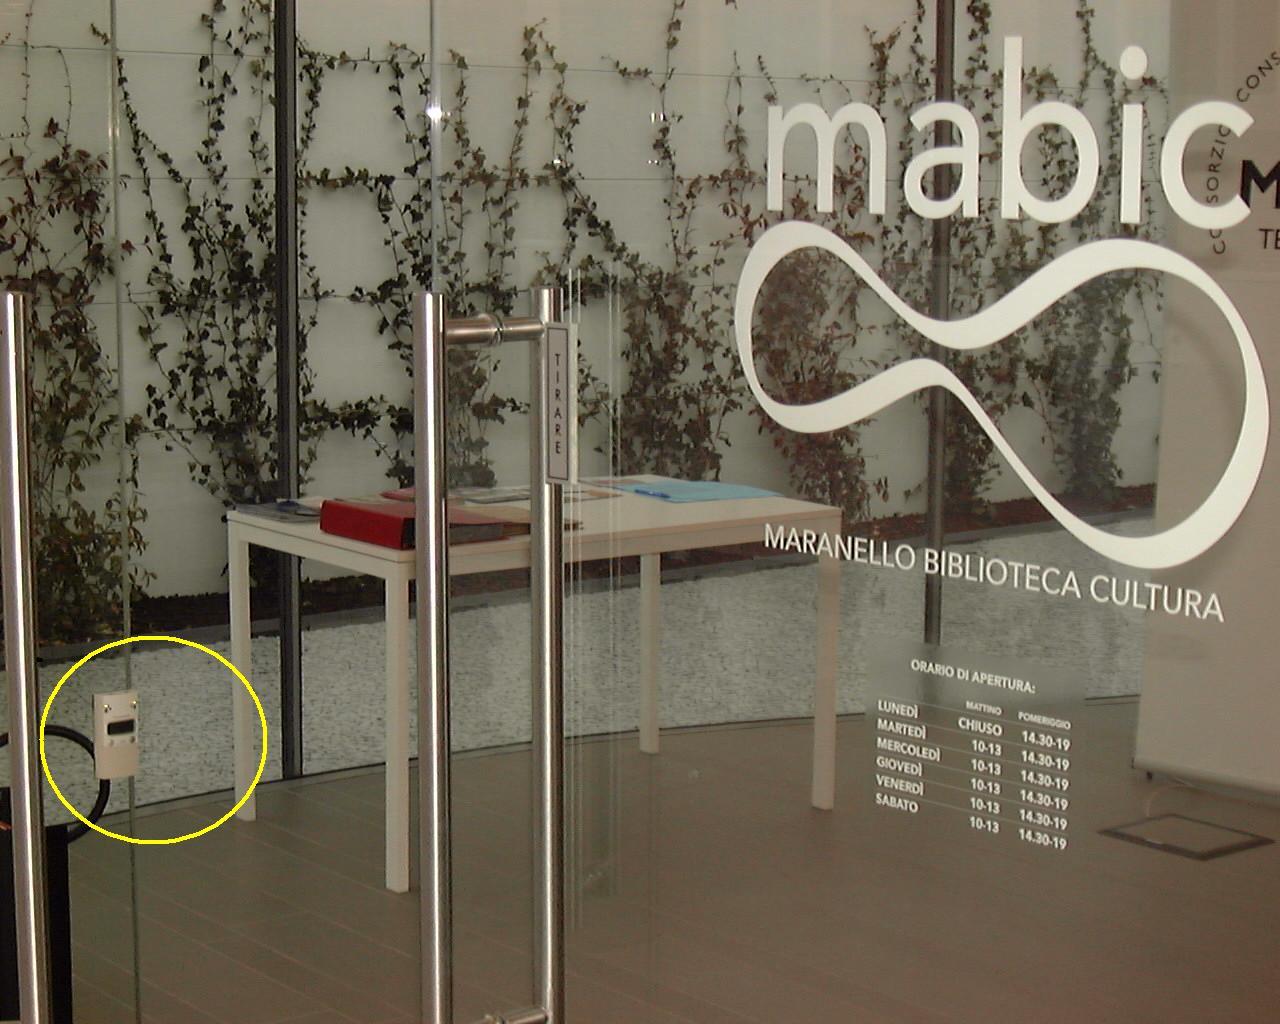 Biblioteca MABIC Maranello con accessi monitorati da contapersone ...